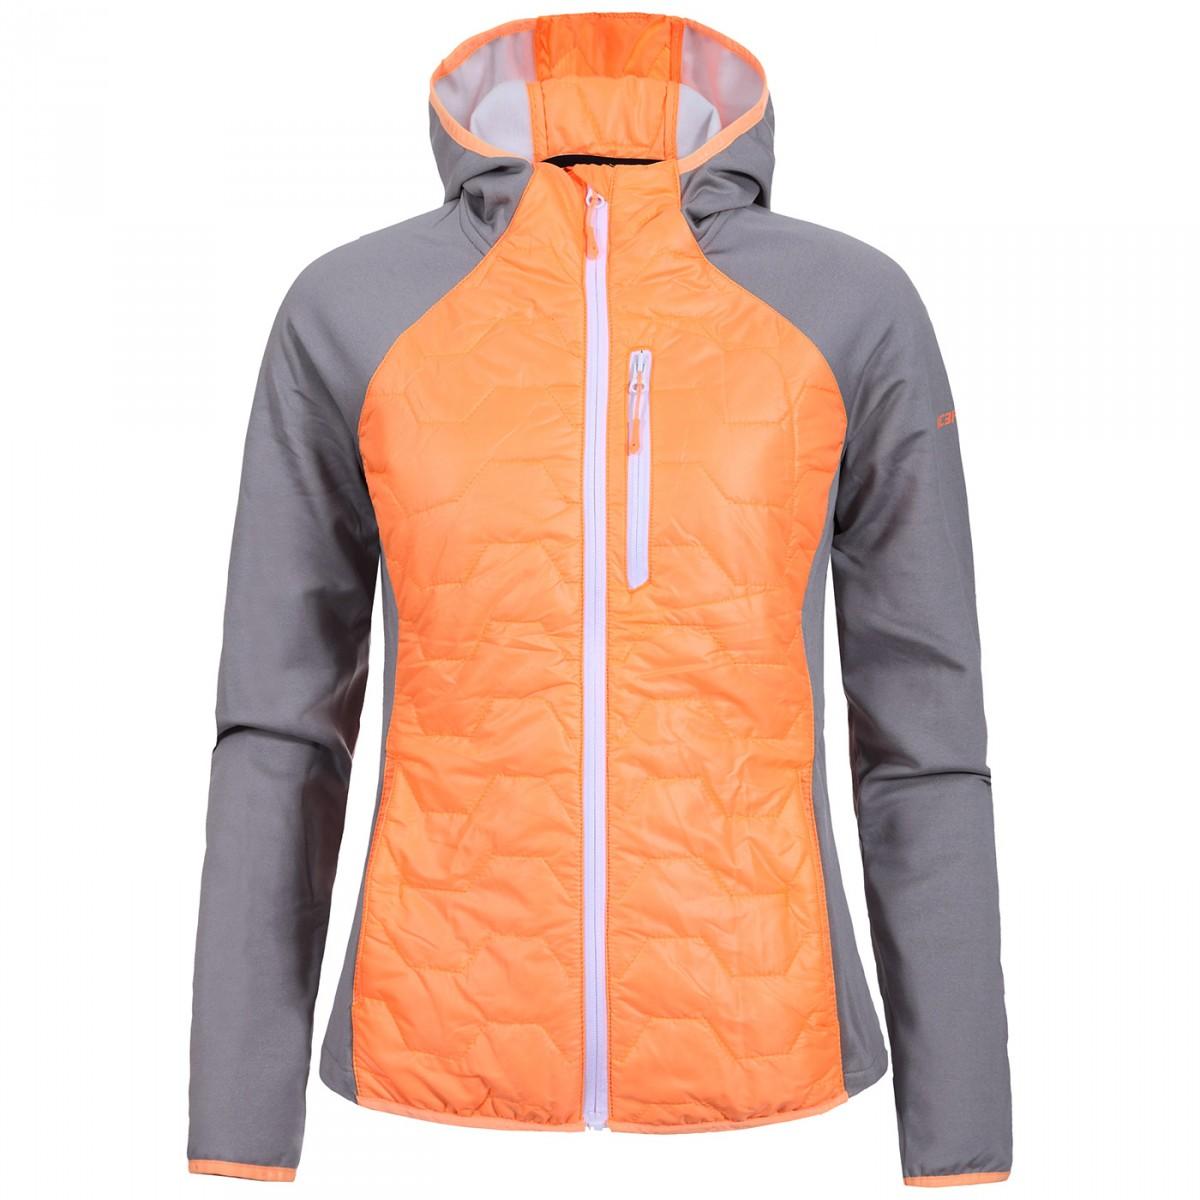 Compra ropa de esquí de las mujeres online al por mayor de